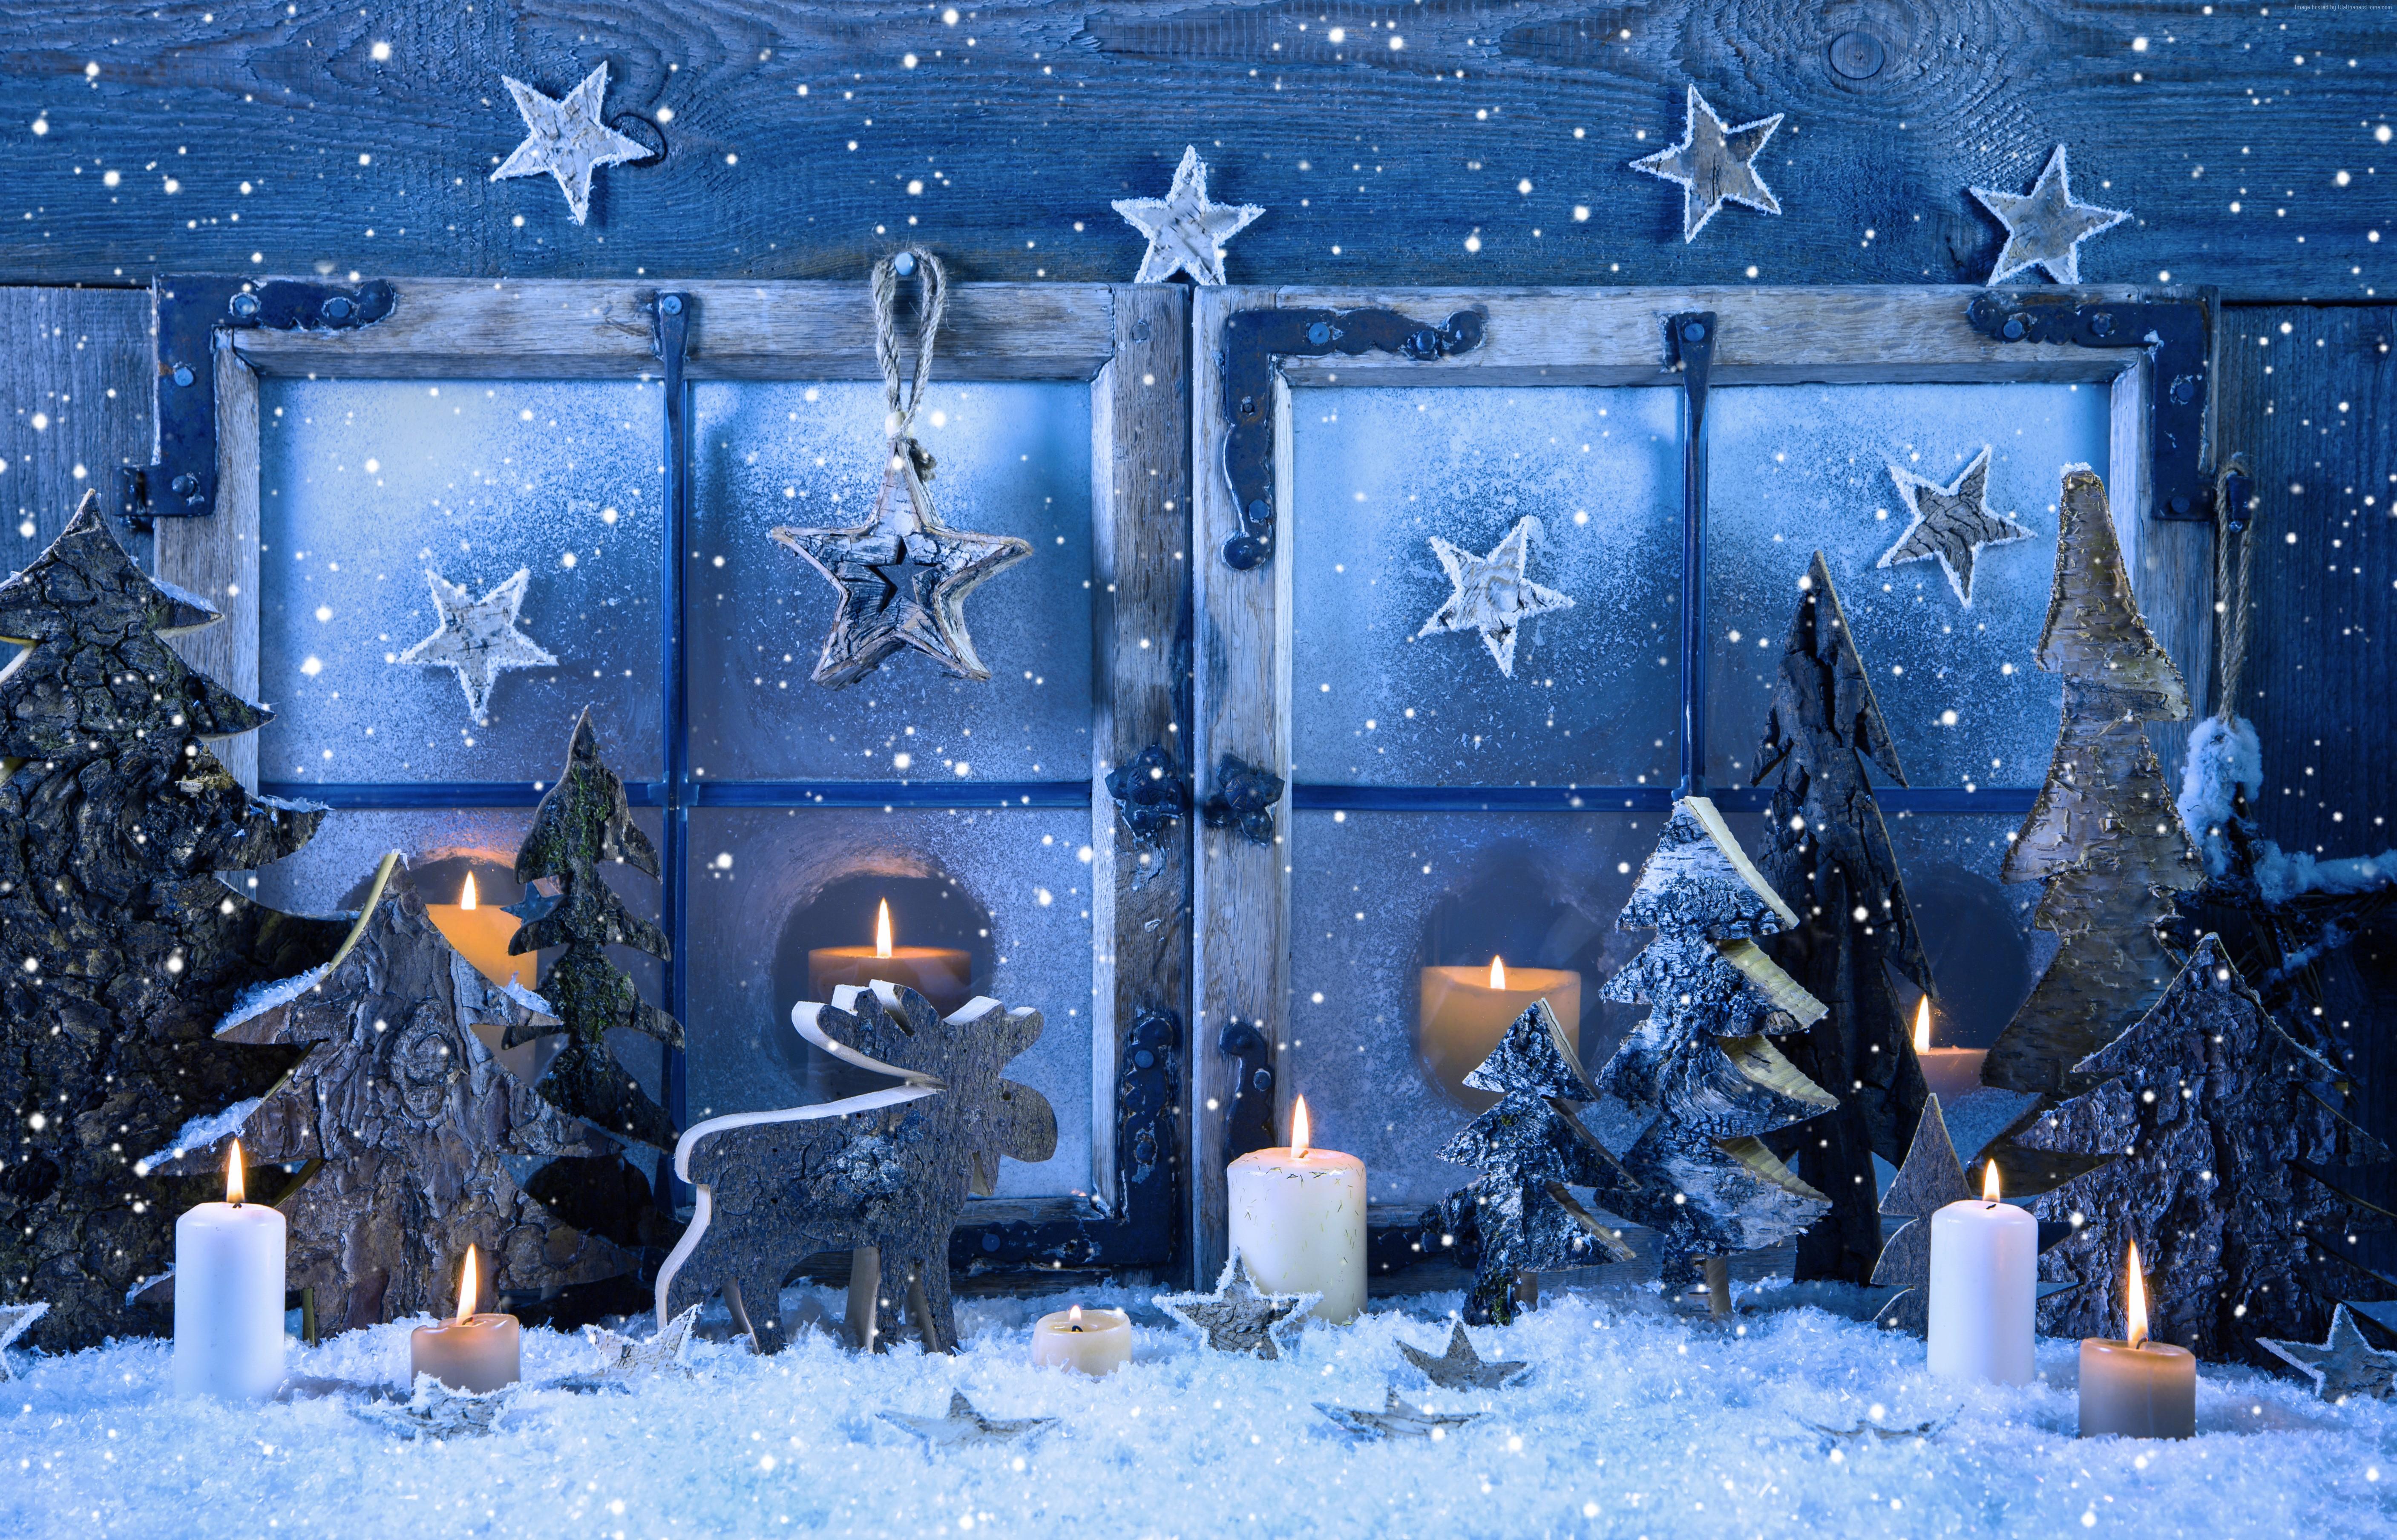 Сапоги новый год окно Boots new year window  № 2639491 загрузить